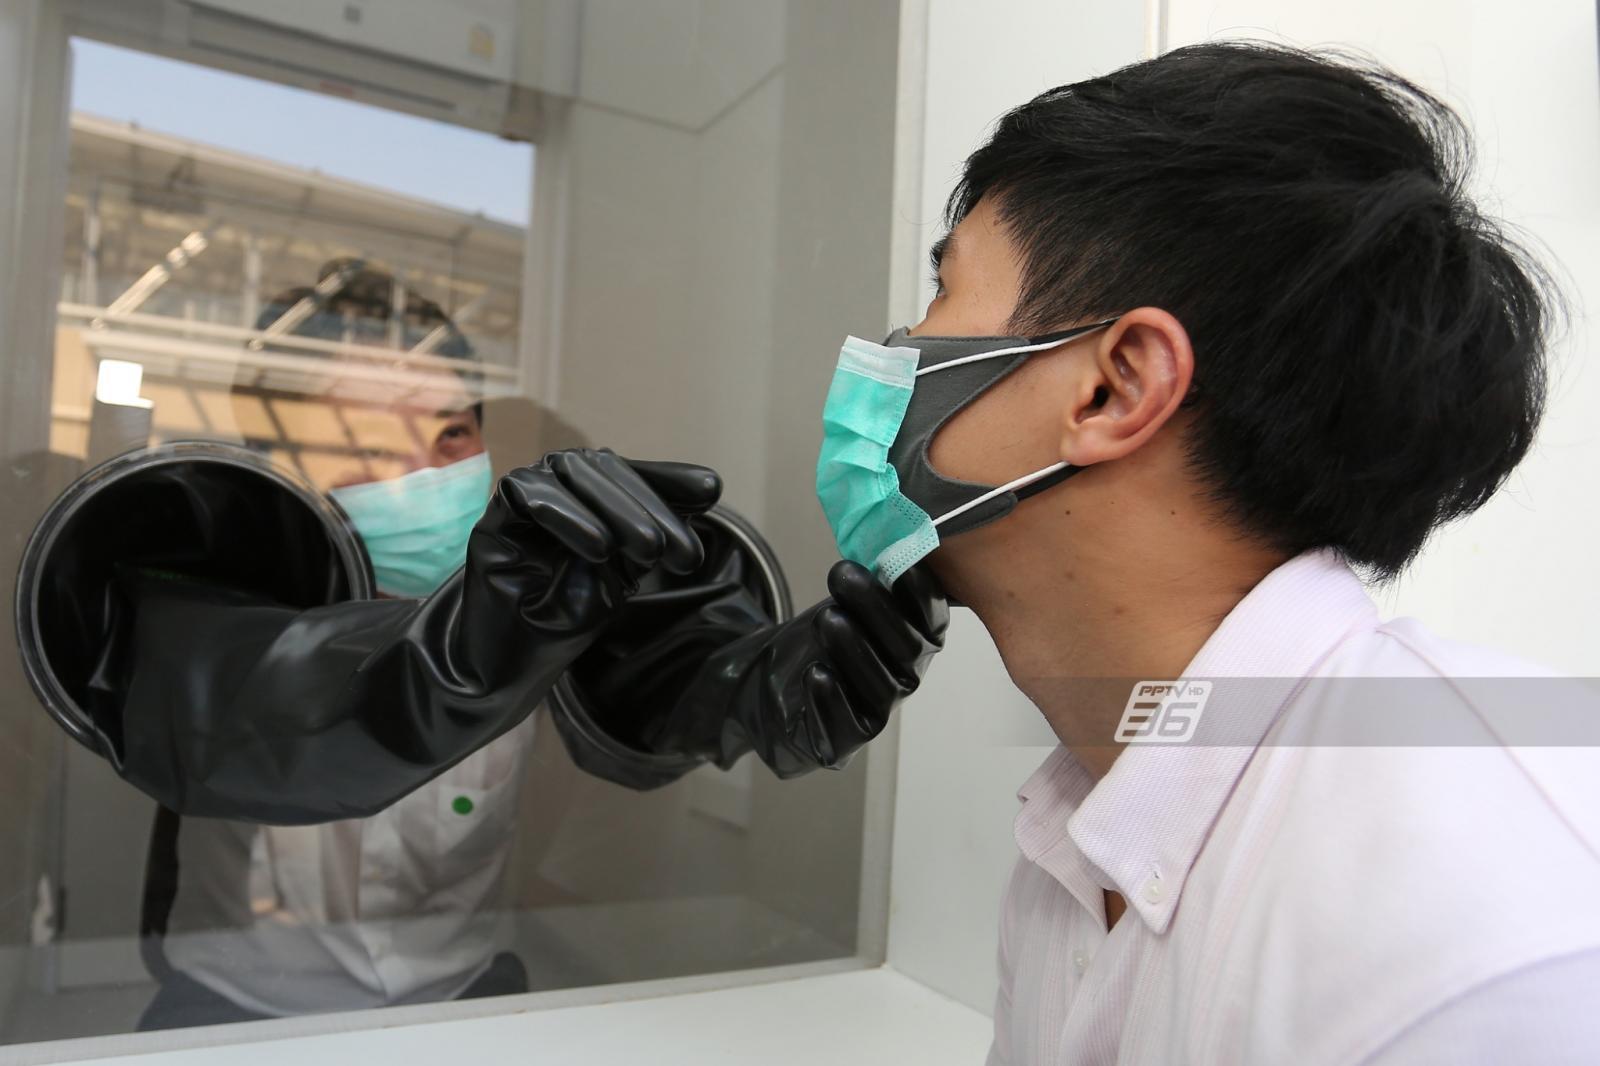 นวัตกรรม ห้องคัดกรองและตรวจผู้ที่มีความเสี่ยง โควิด-19 เลดเสี่ยงให้บุคลากรการแพทย์